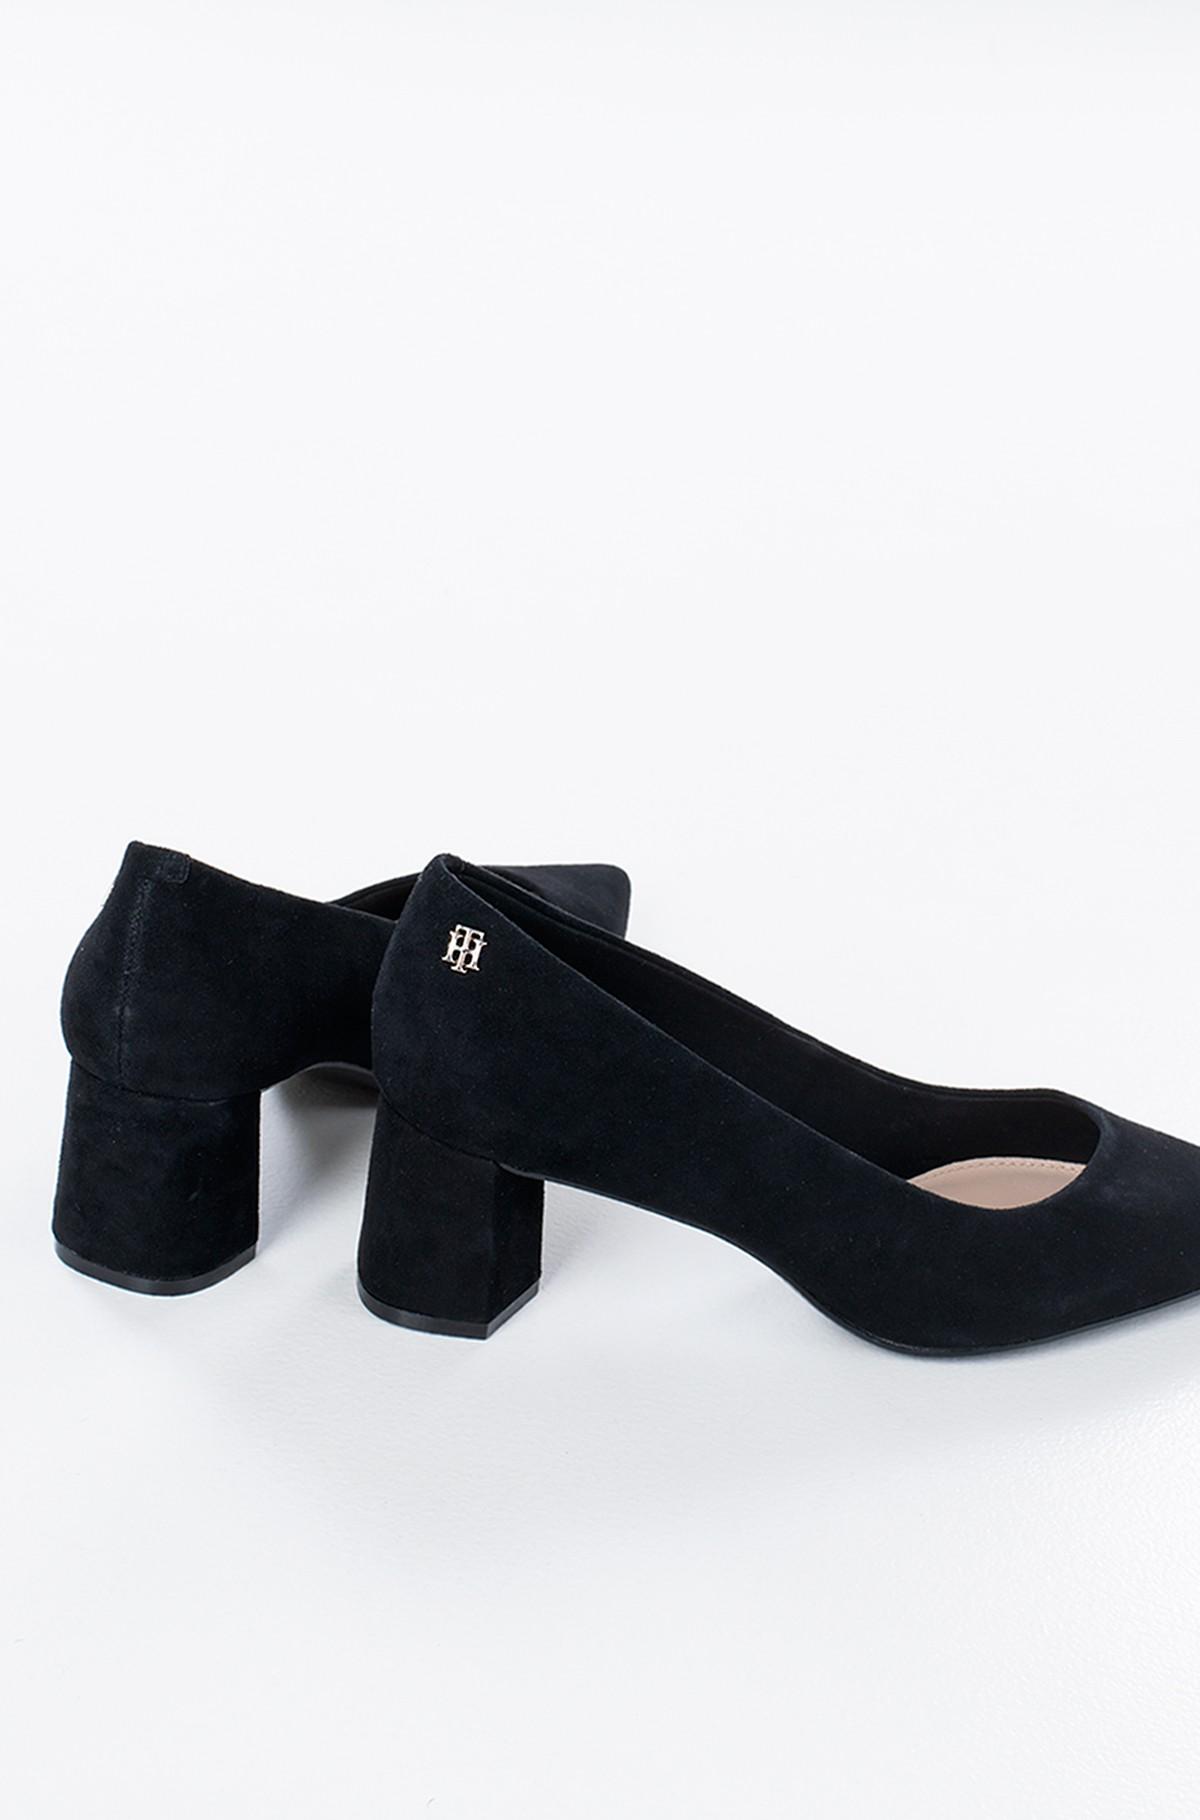 Shoes FEMININE MID HEEL PUMP-full-2